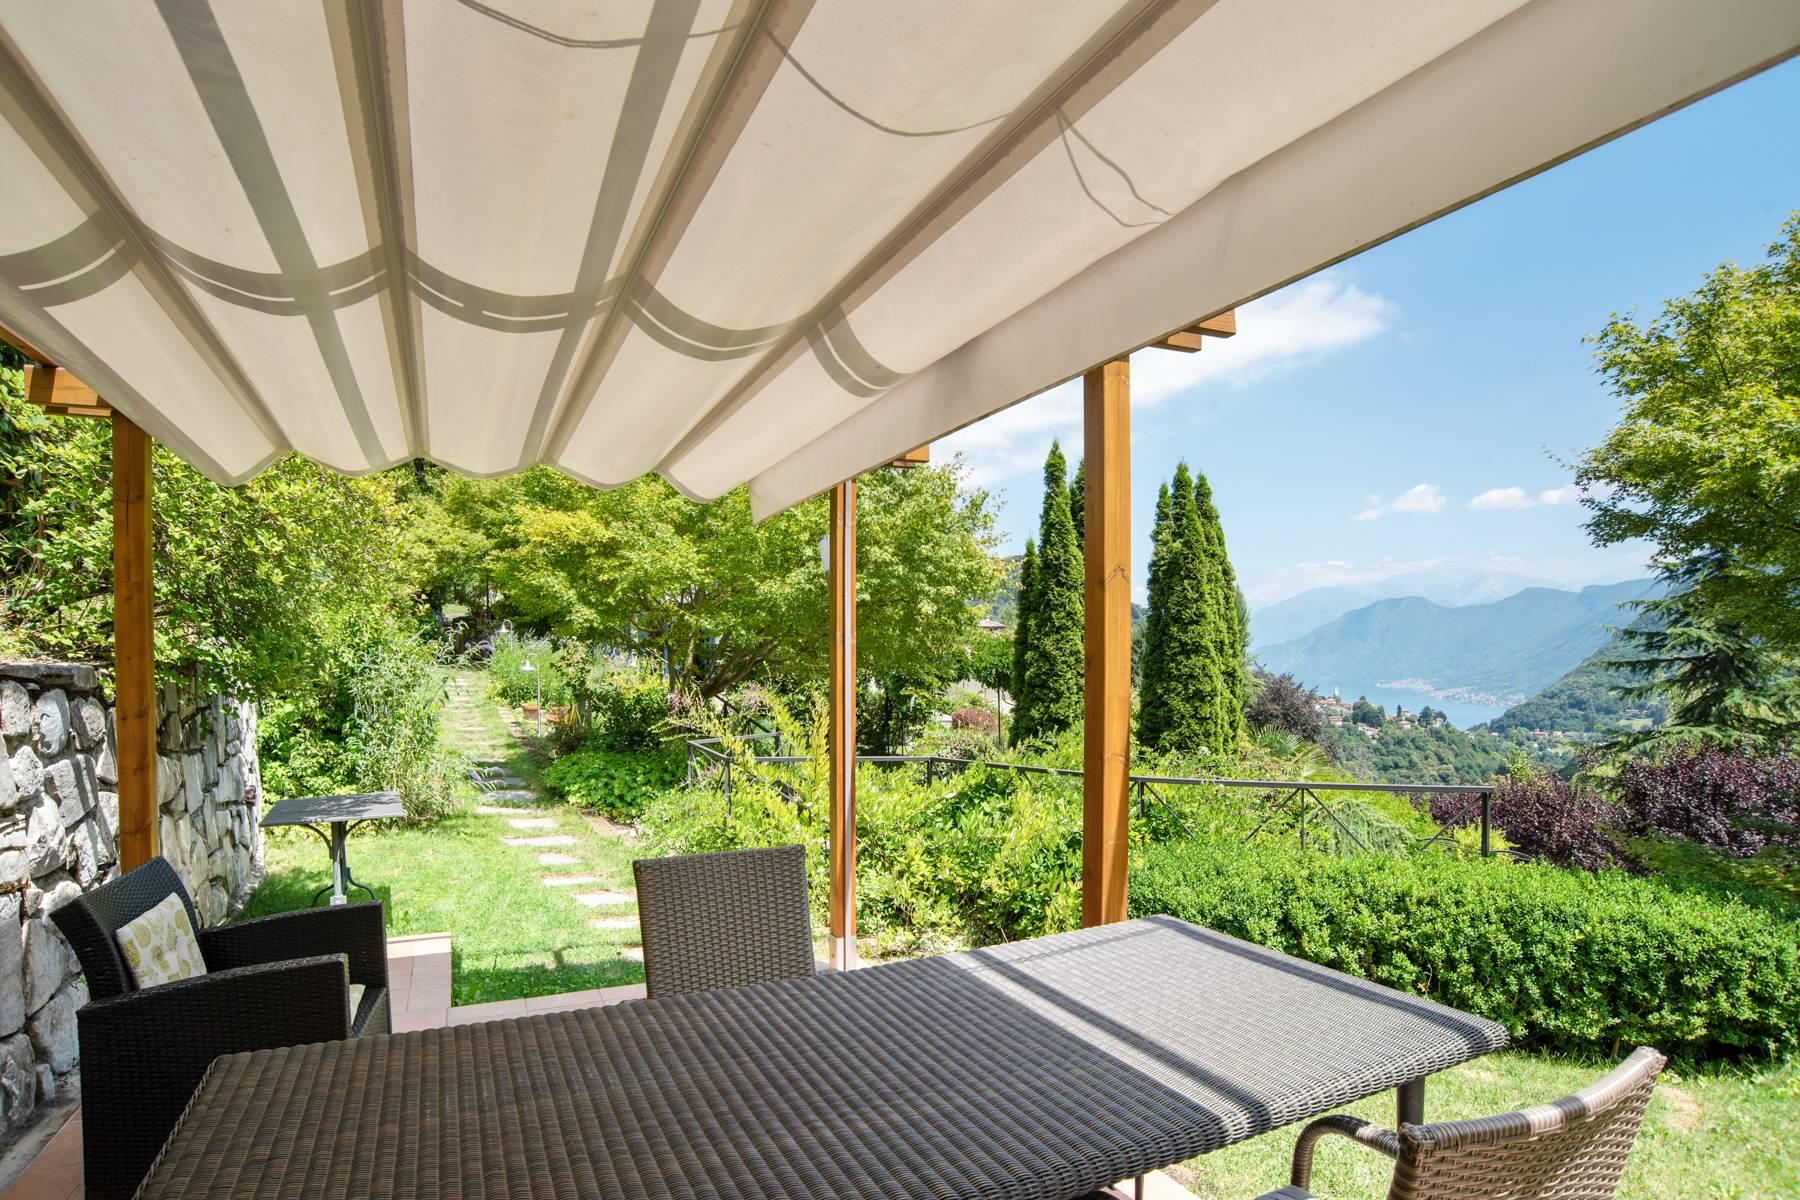 Villa in Vendita a Cerano D'Intelvi: 5 locali, 400 mq - Foto 12